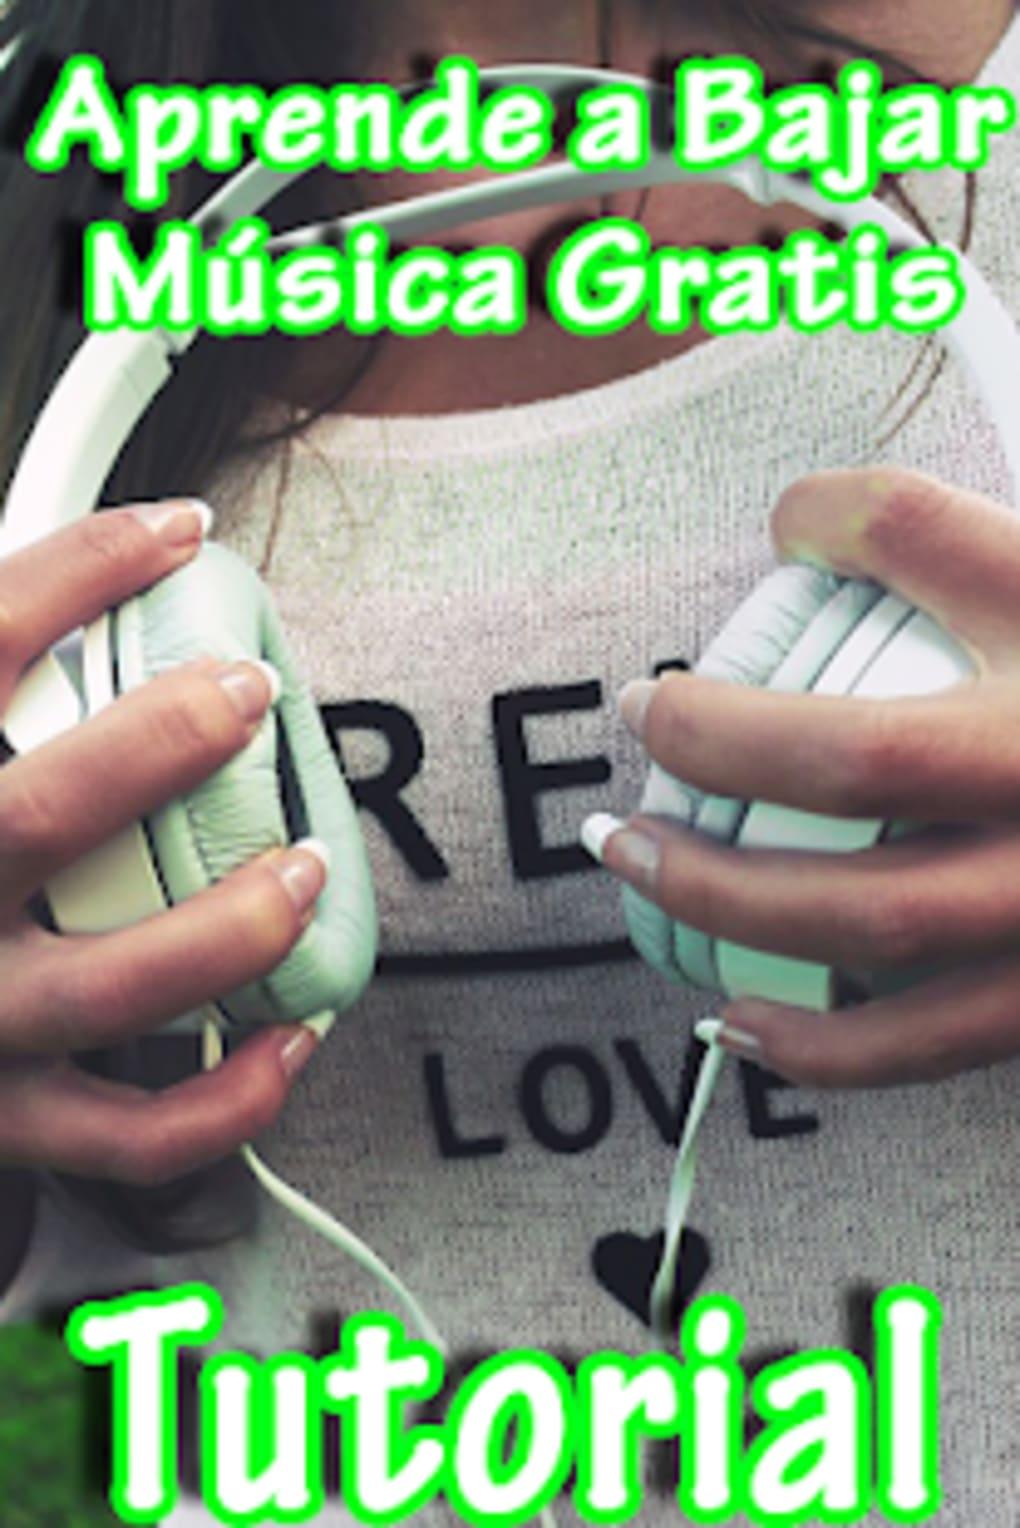 descargar musica gratis mp3 para celular